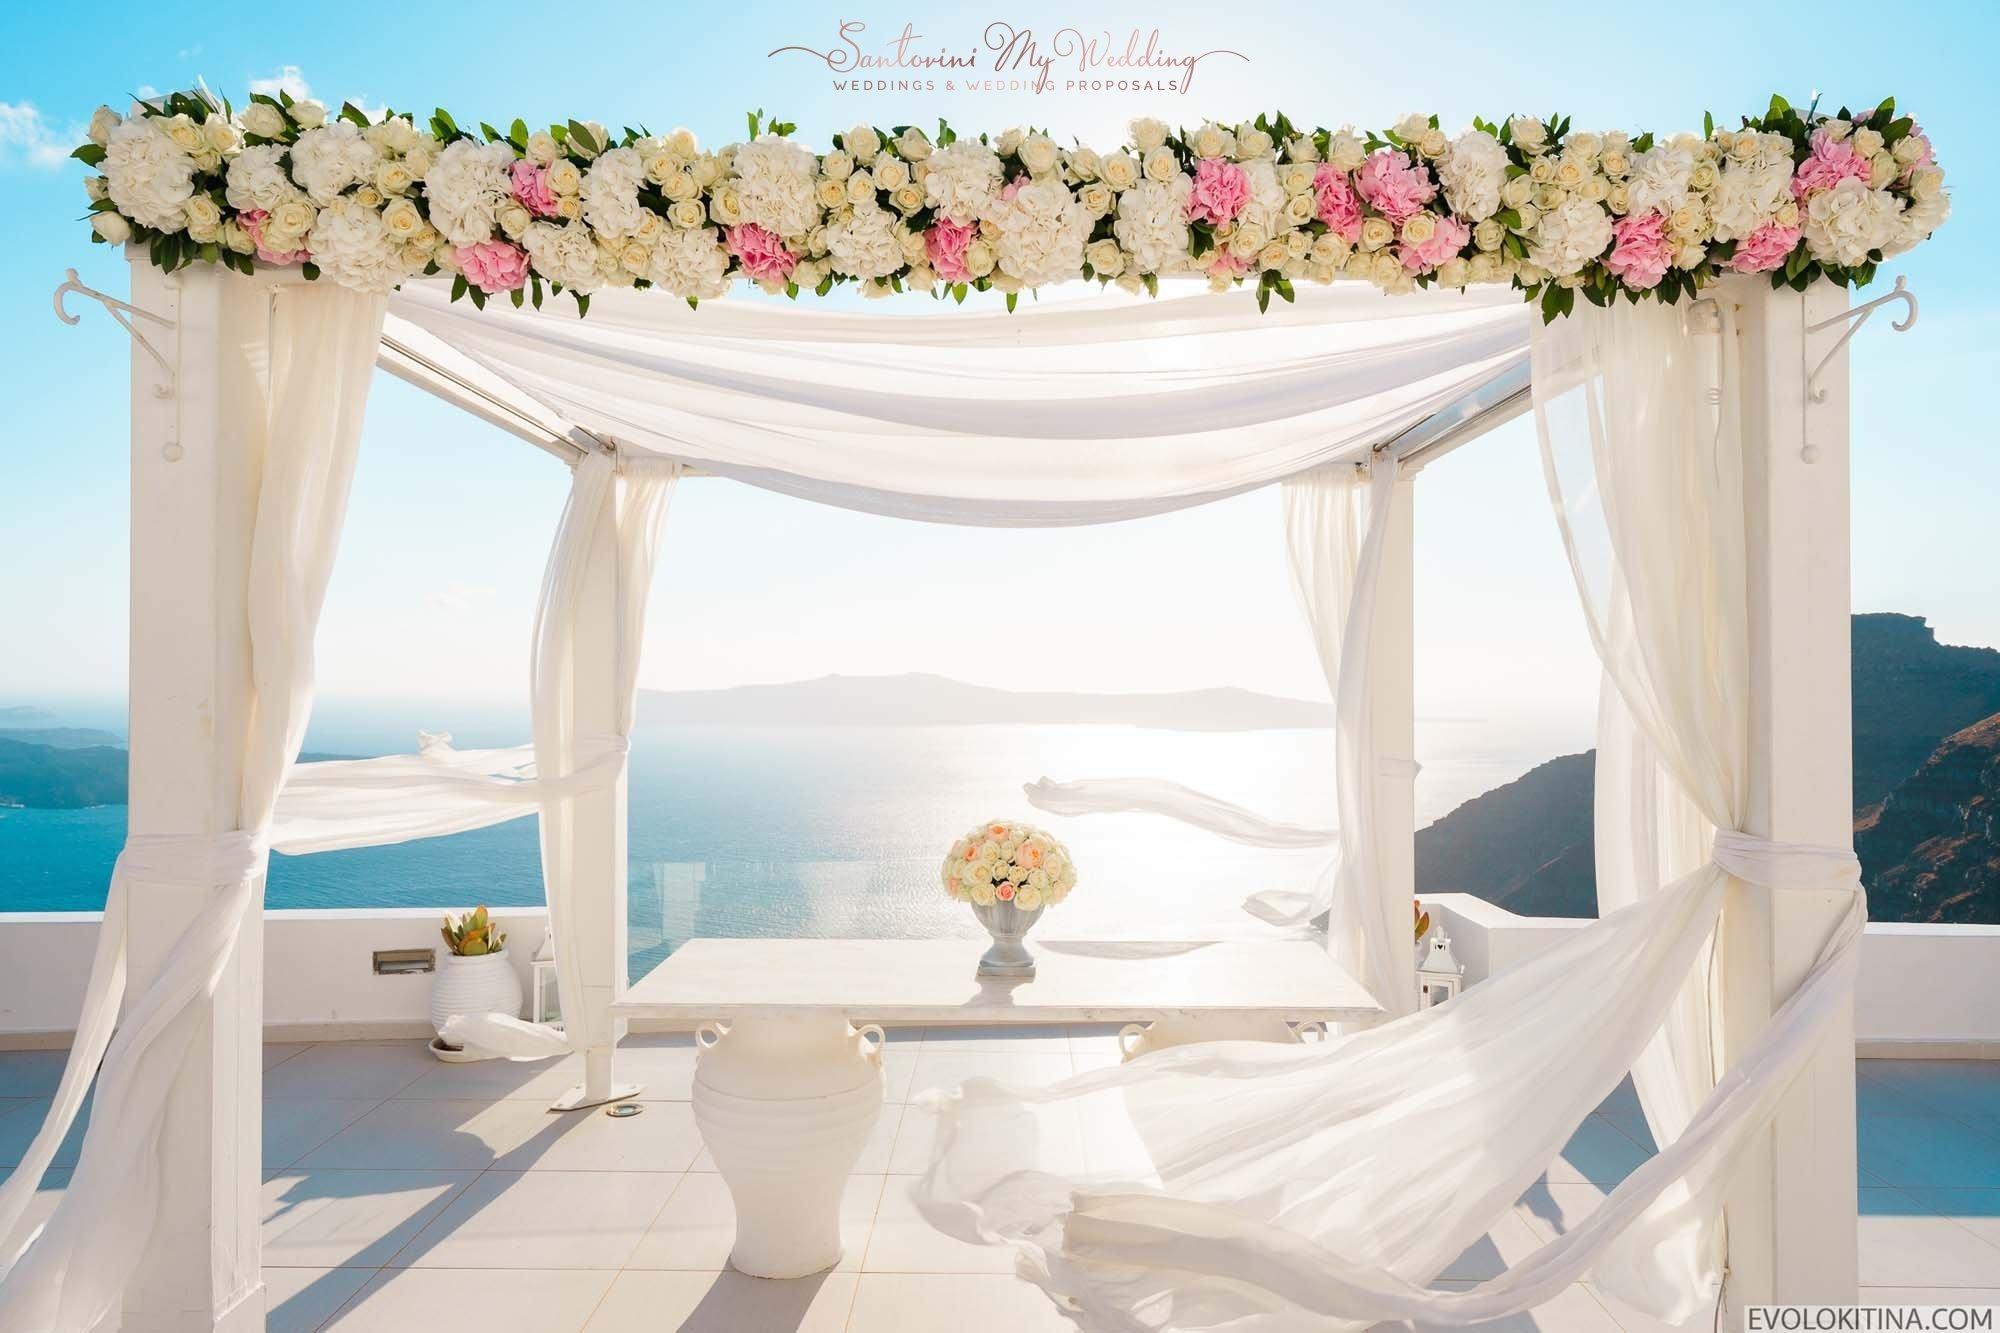 Wedding Venues   Santorinimywedding